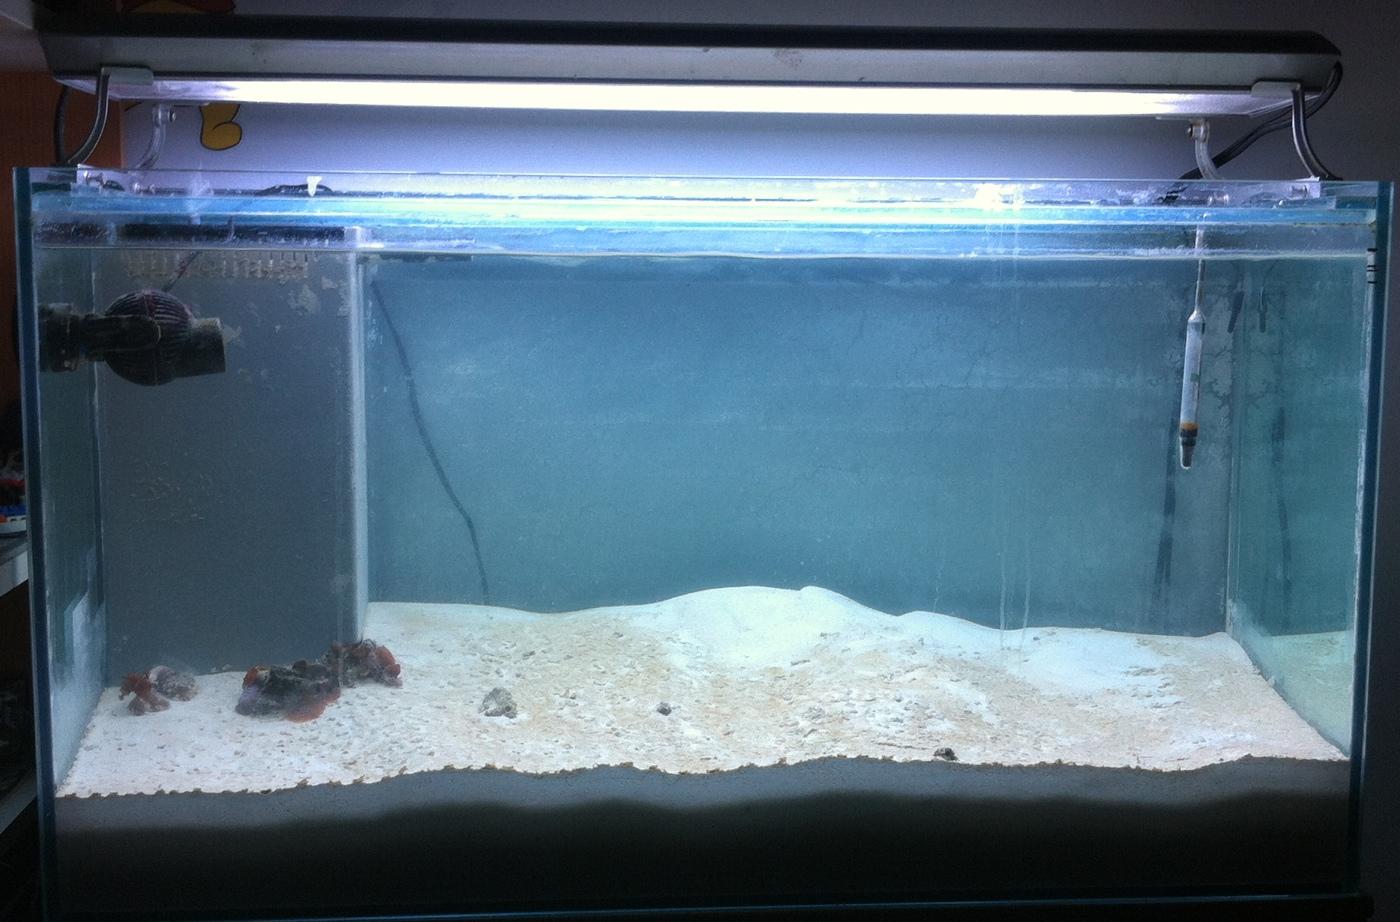 Acquario marino 200 litri for Acquario marino 100 litri prezzo